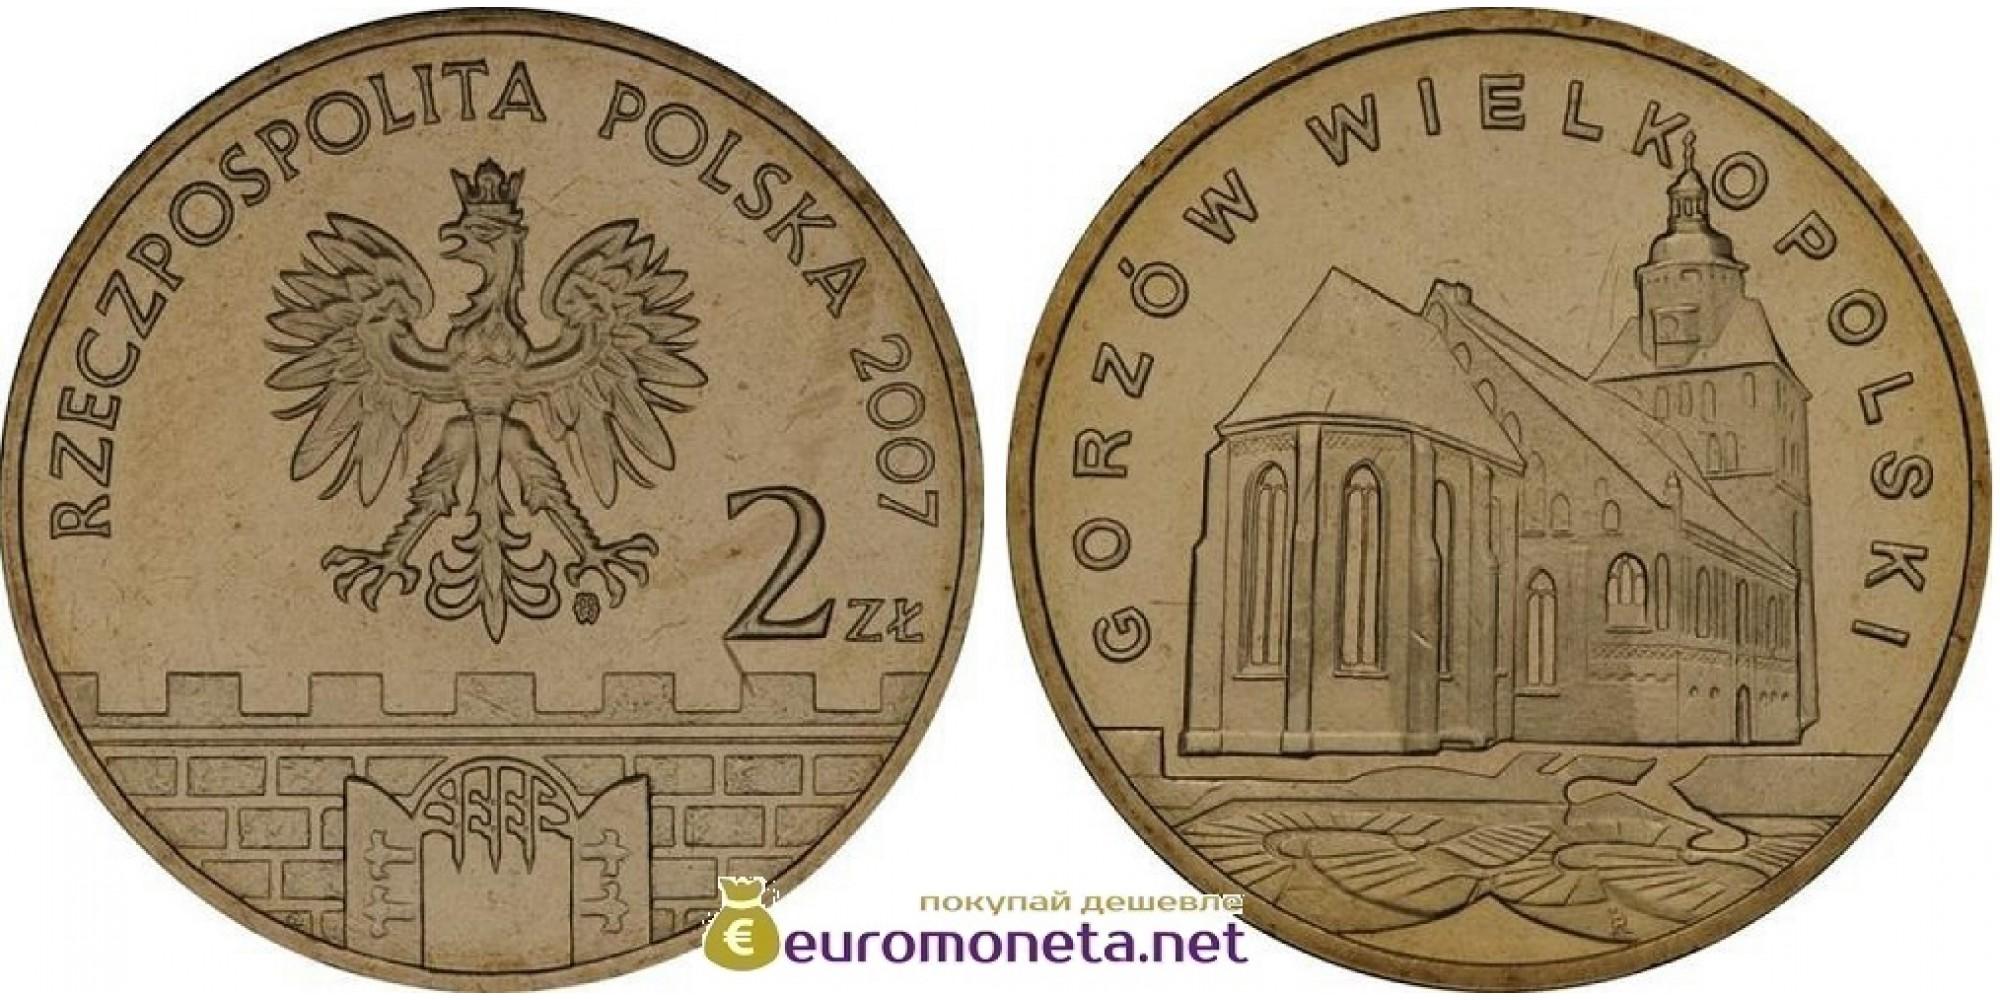 Польша 2 злотых 2007 год Гожув-Велькопольский (Gorzów Wielkopolski), АЦ из запайки